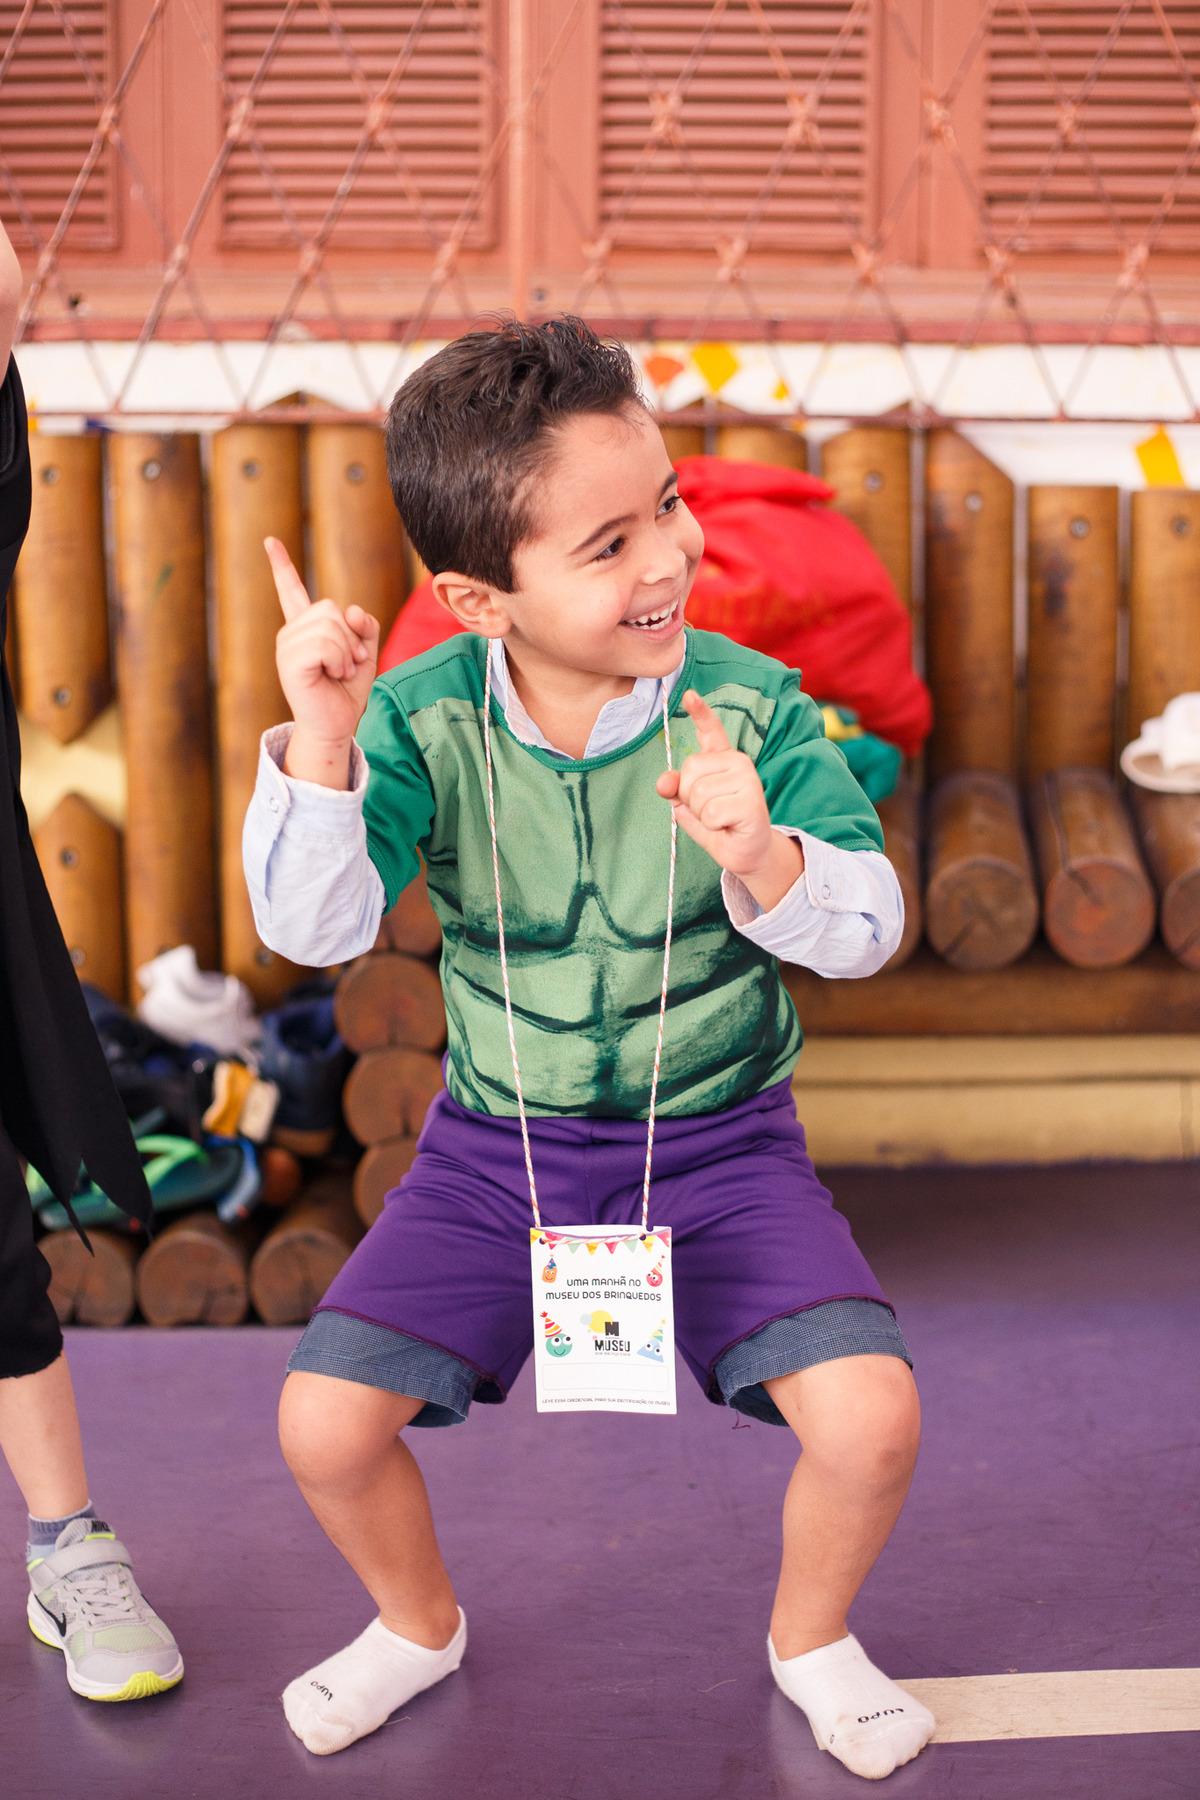 Criança brincando durante o seu aniversário, dançando e se divertindo.